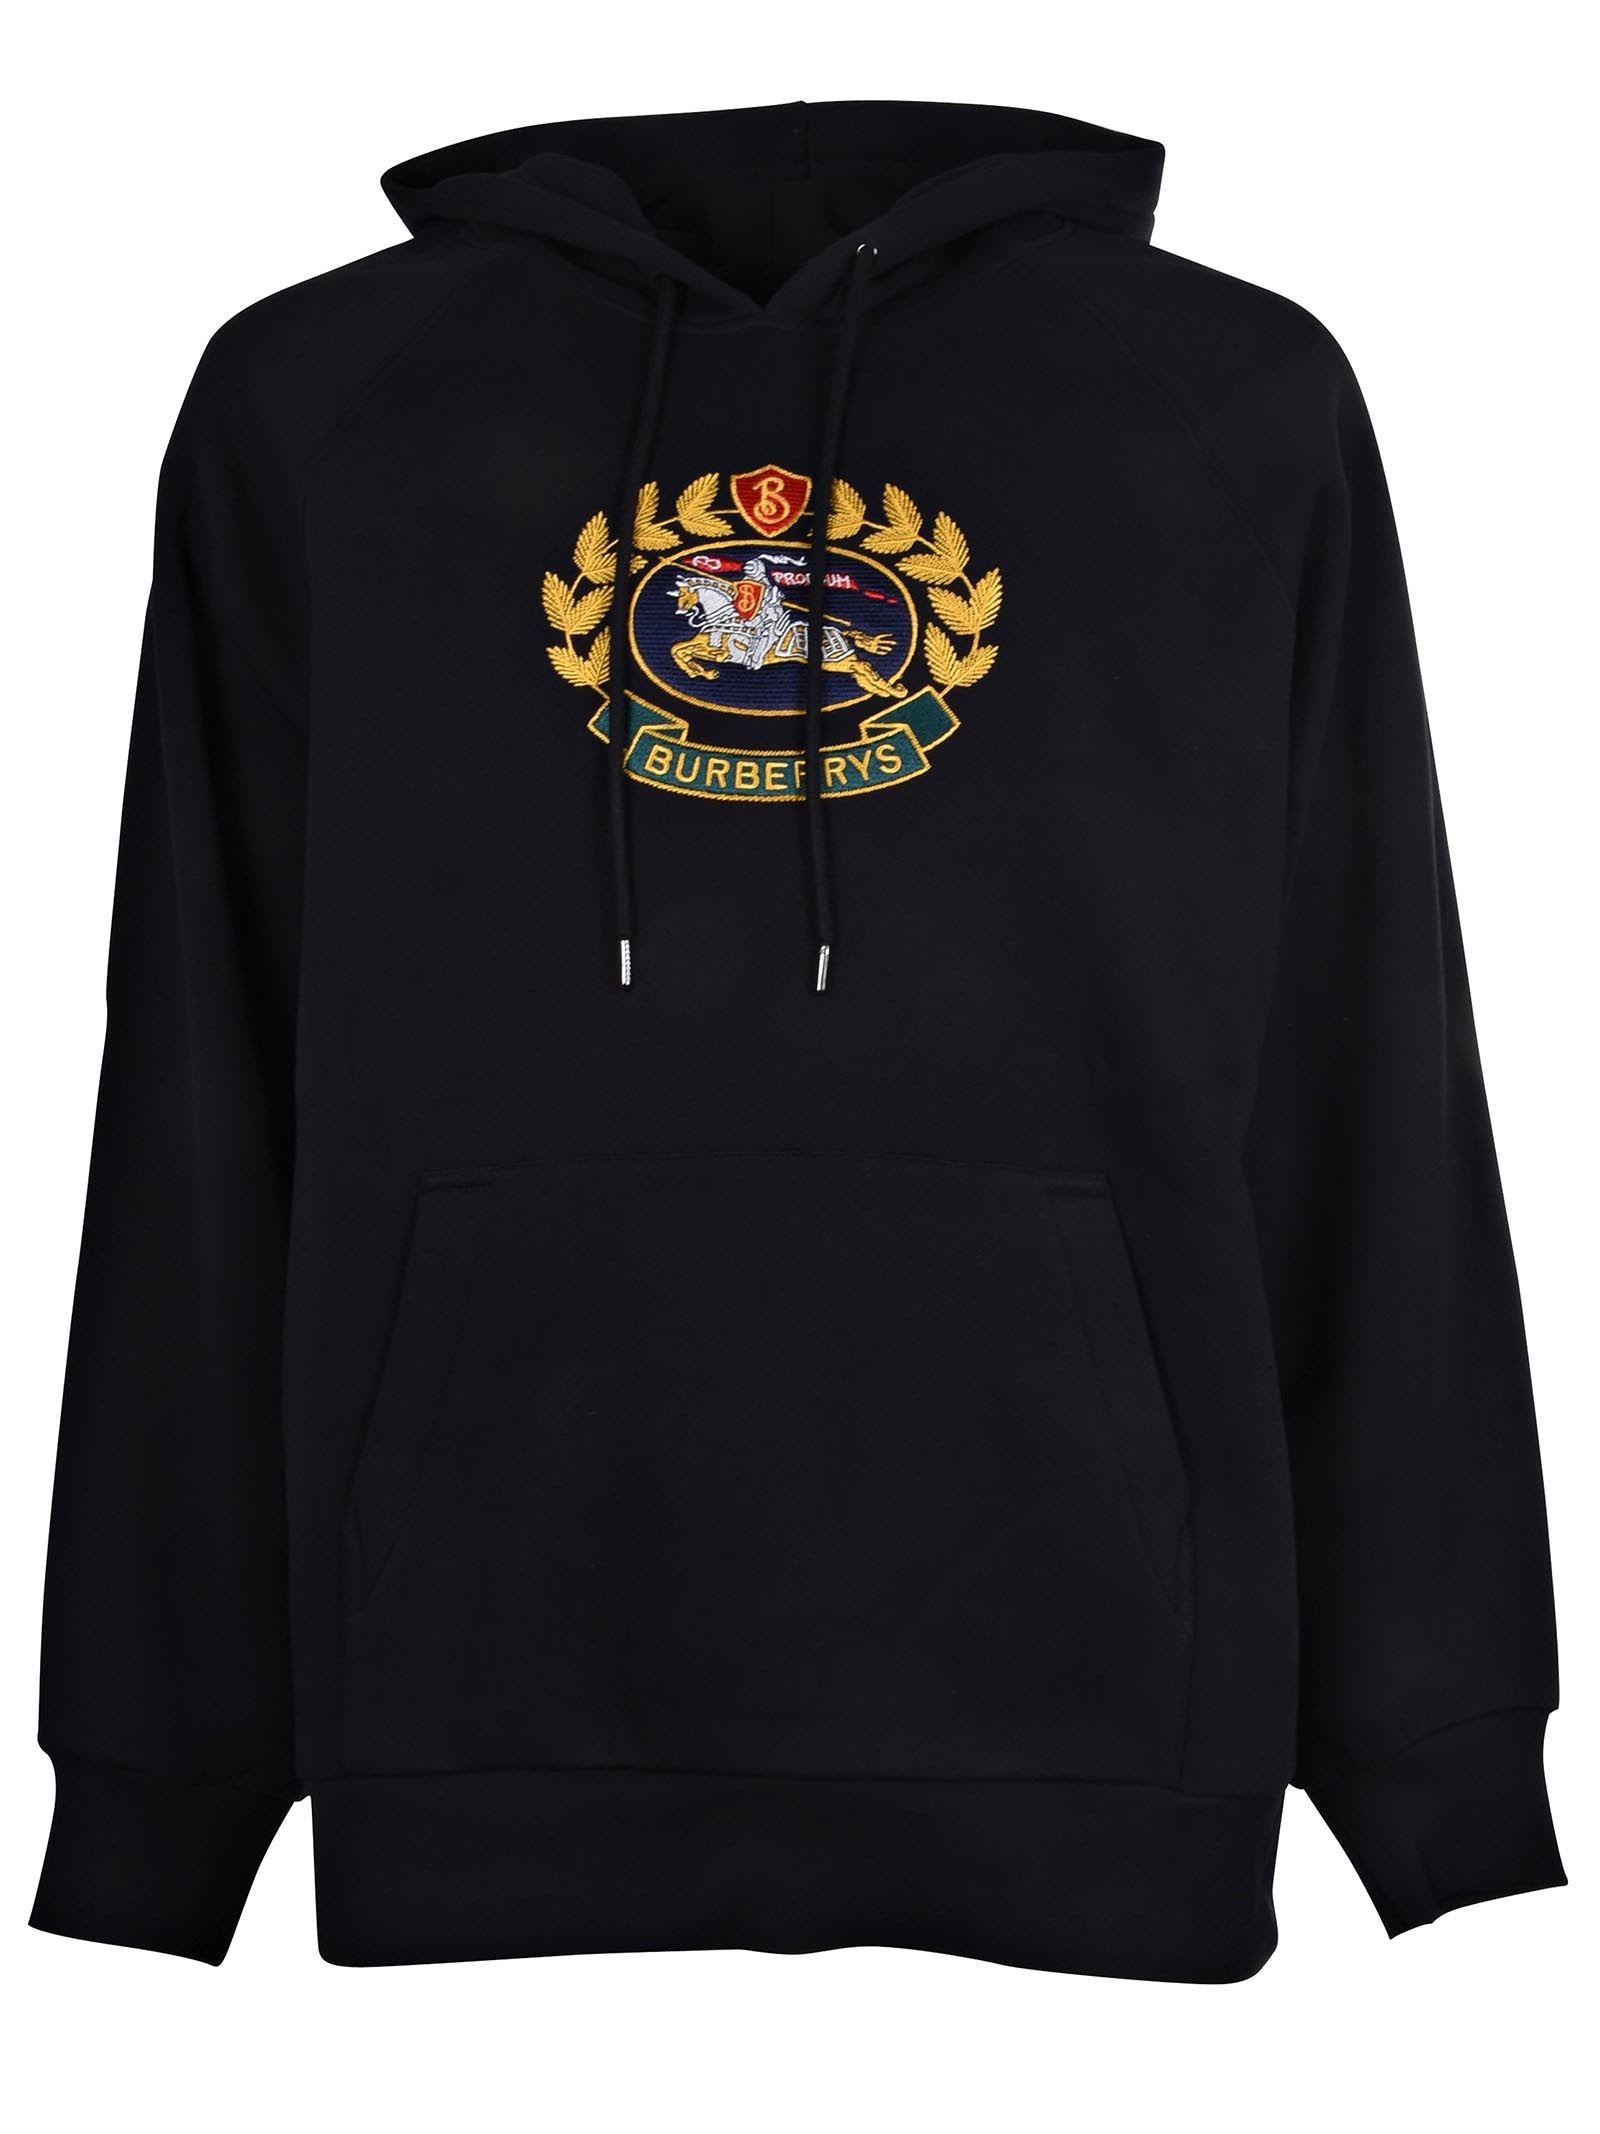 Burberry M Esker Abyqi Hoodie Sweatshirt Burberry Cloth Hoodies Sweatshirts Hoodie Sweatshirts [ 2134 x 1600 Pixel ]